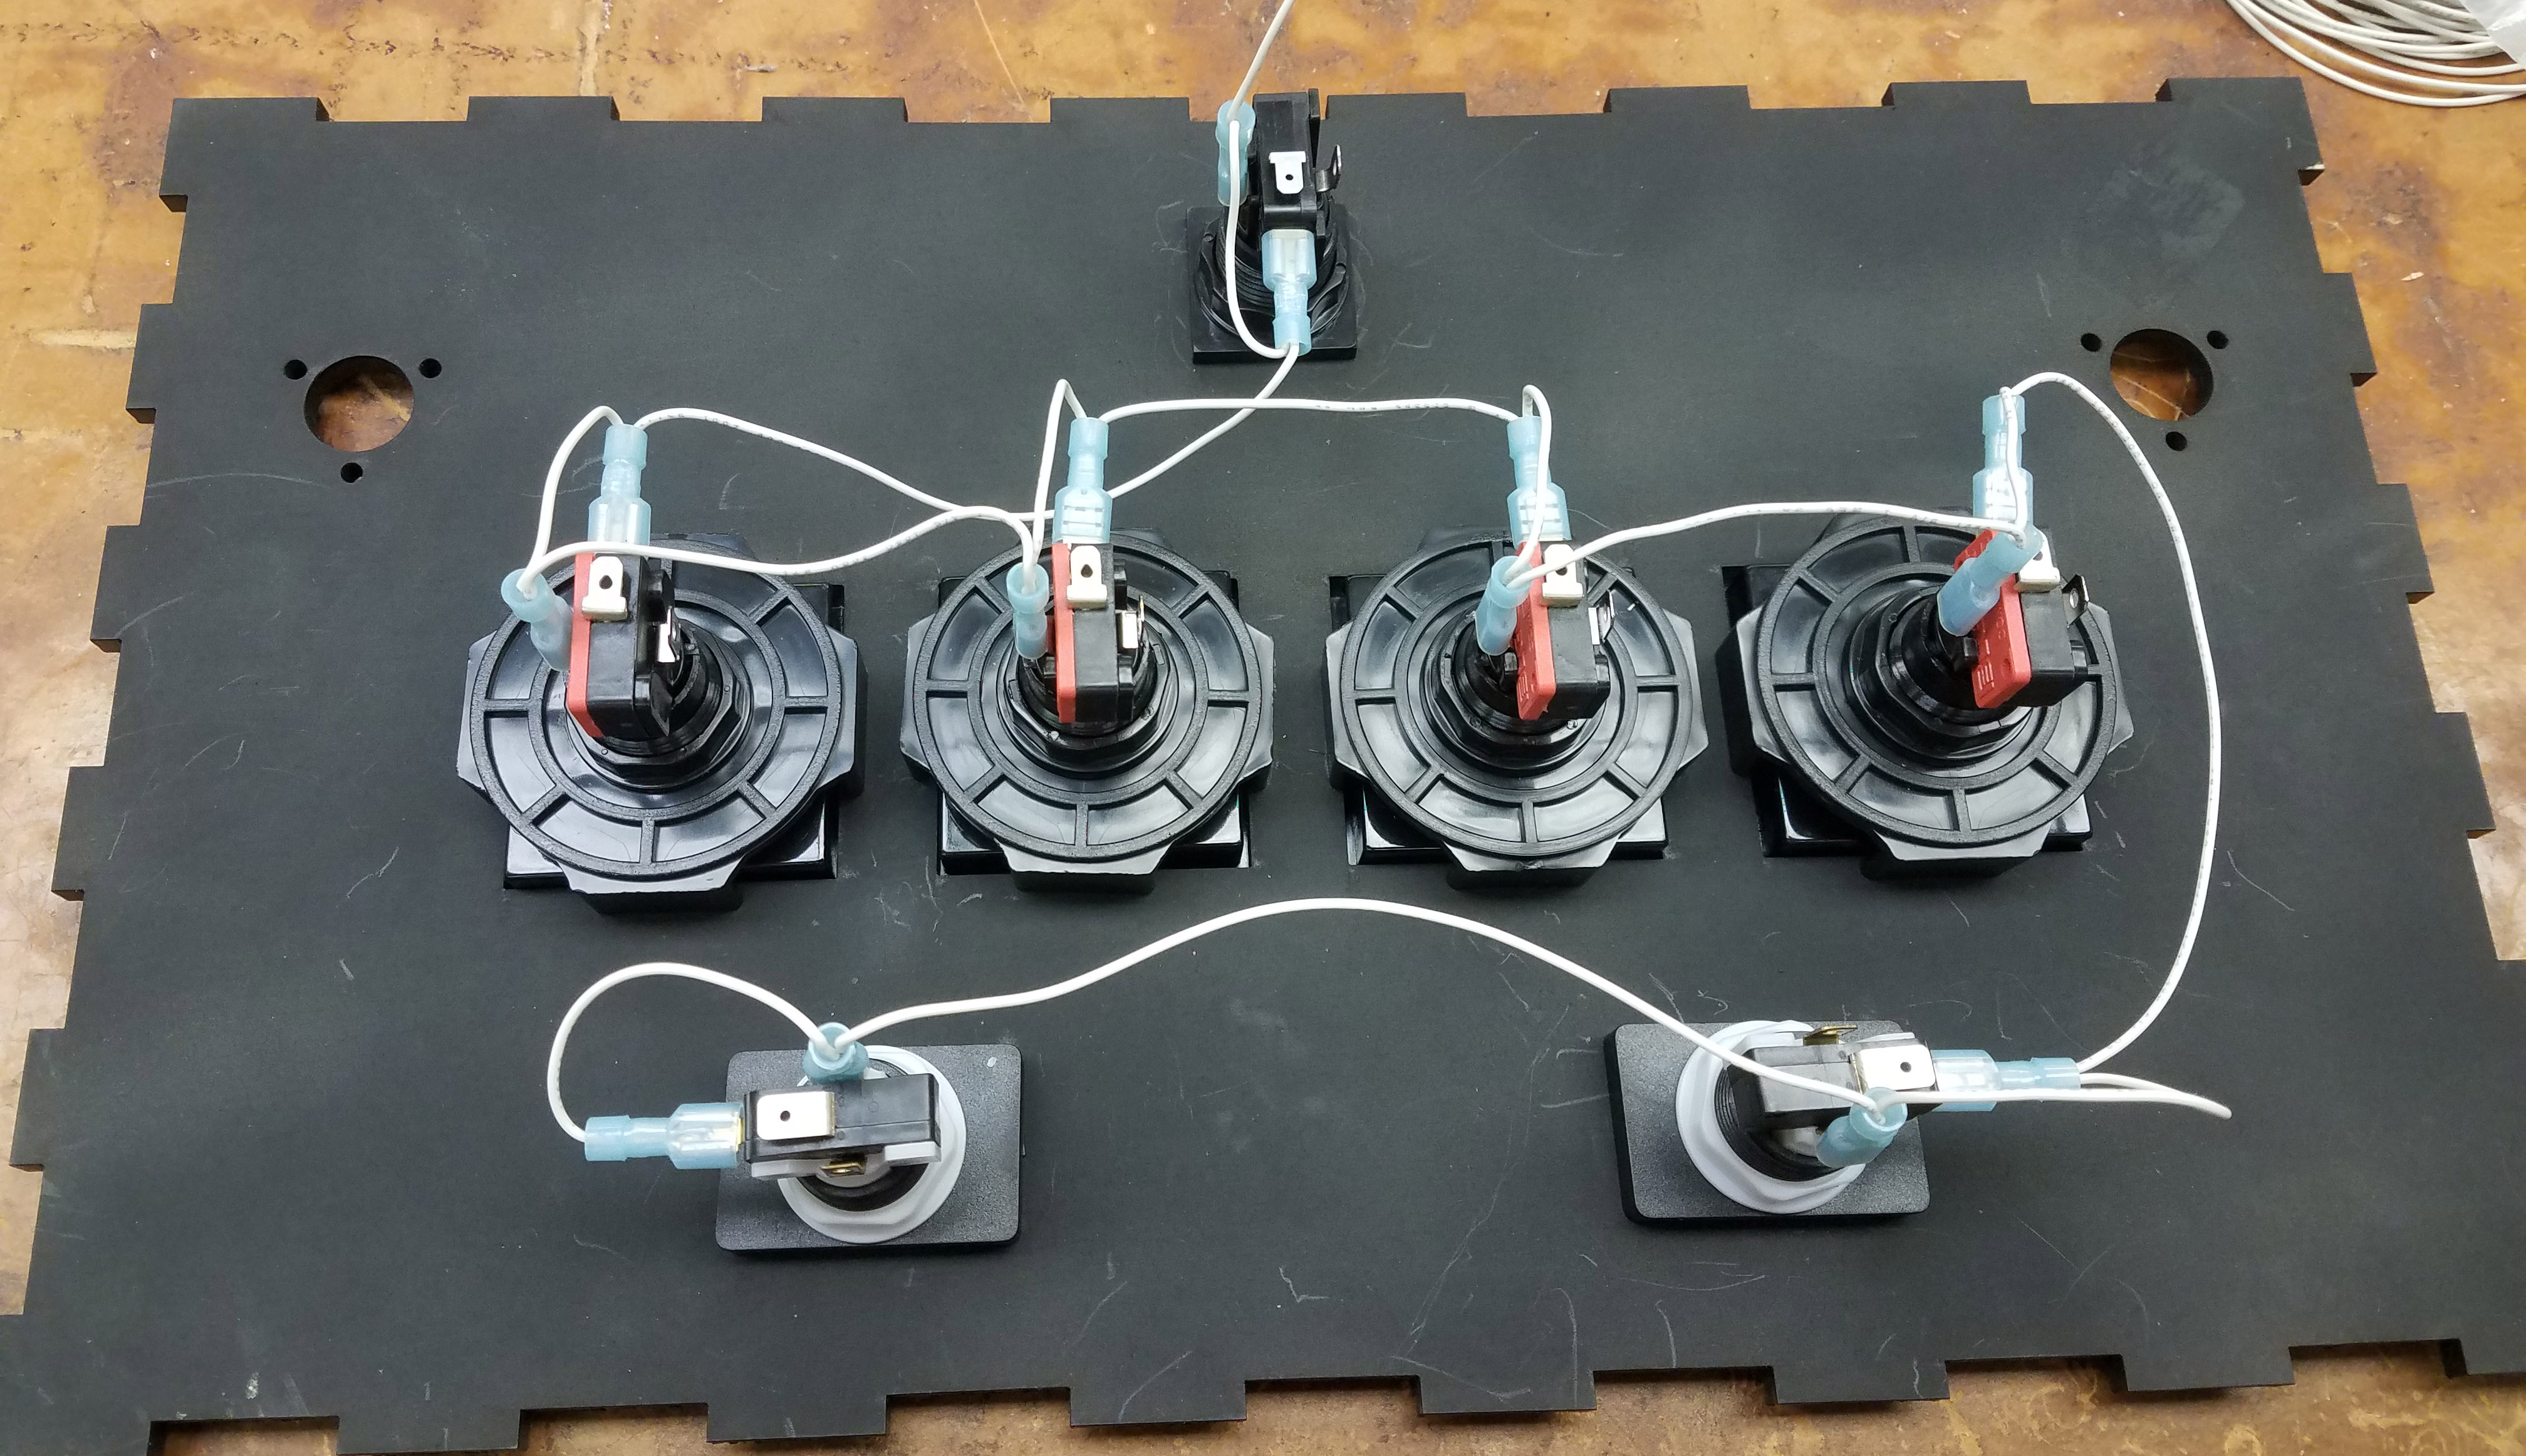 A DIY SDVX/K-Shoot Mania Controller Guide   sdvx-diy github io